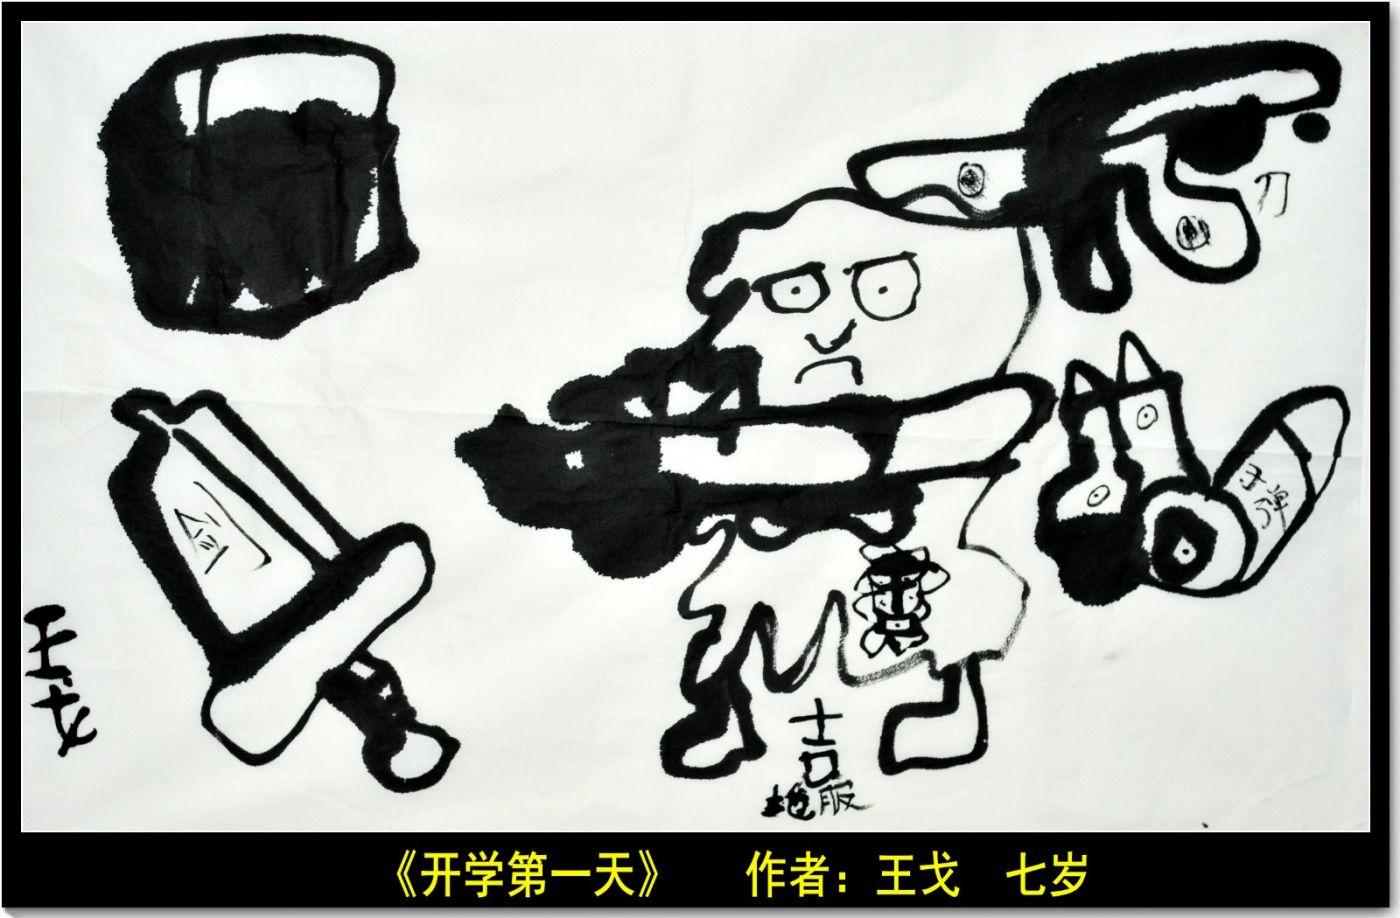 【瑞龙吟·读书路】古典诗词_图1-2